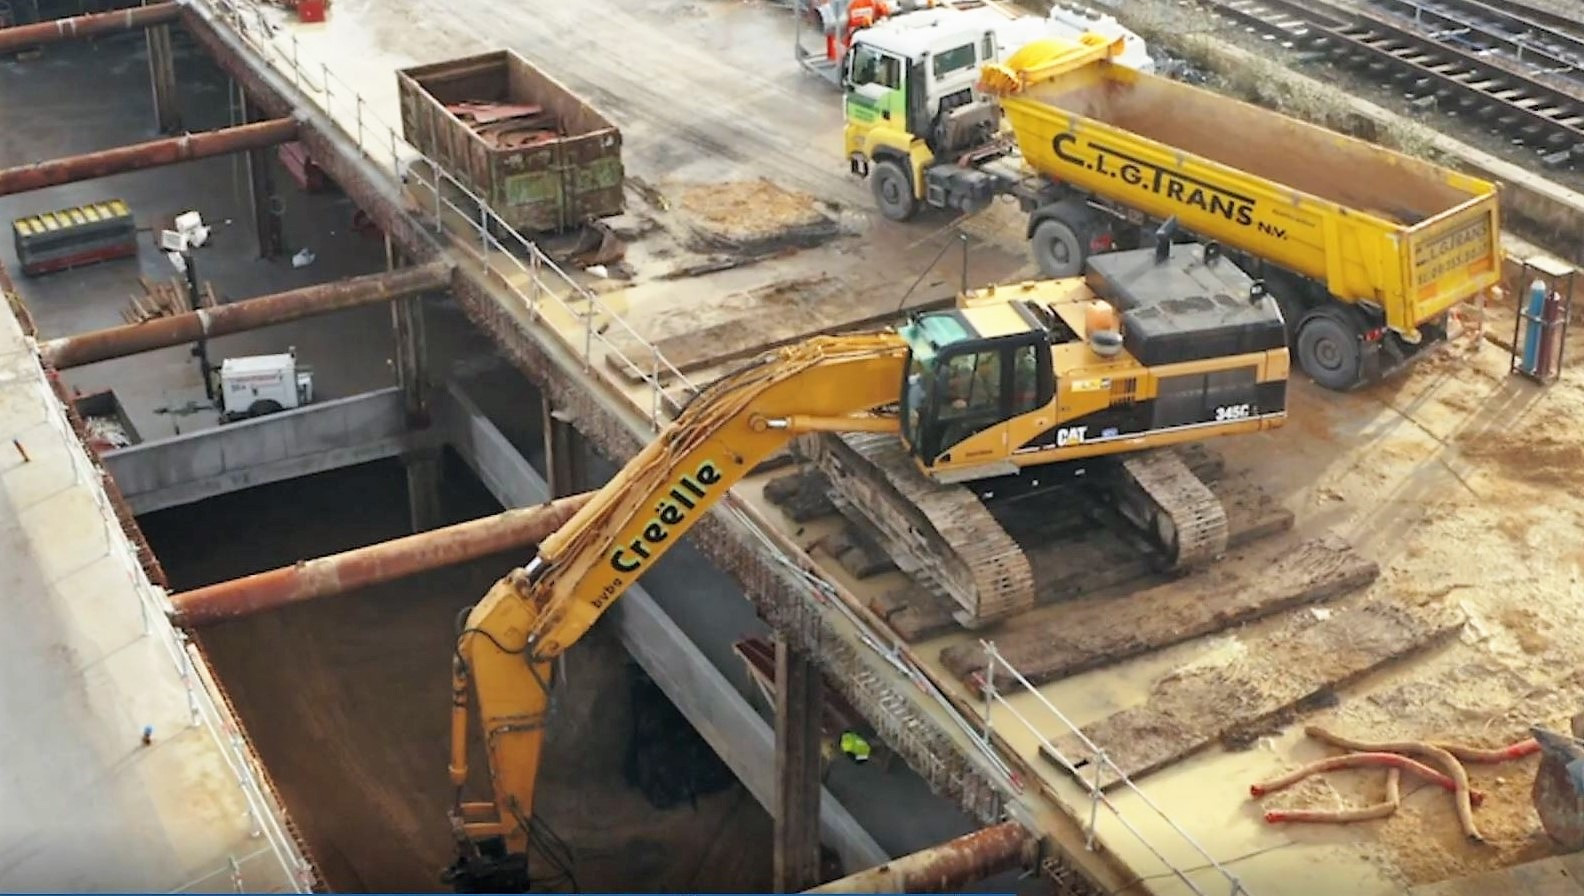 De nieuwe parkeerhaven Station krijgt vorm. Momenteel wordt verdieping -3 uitgegraven.